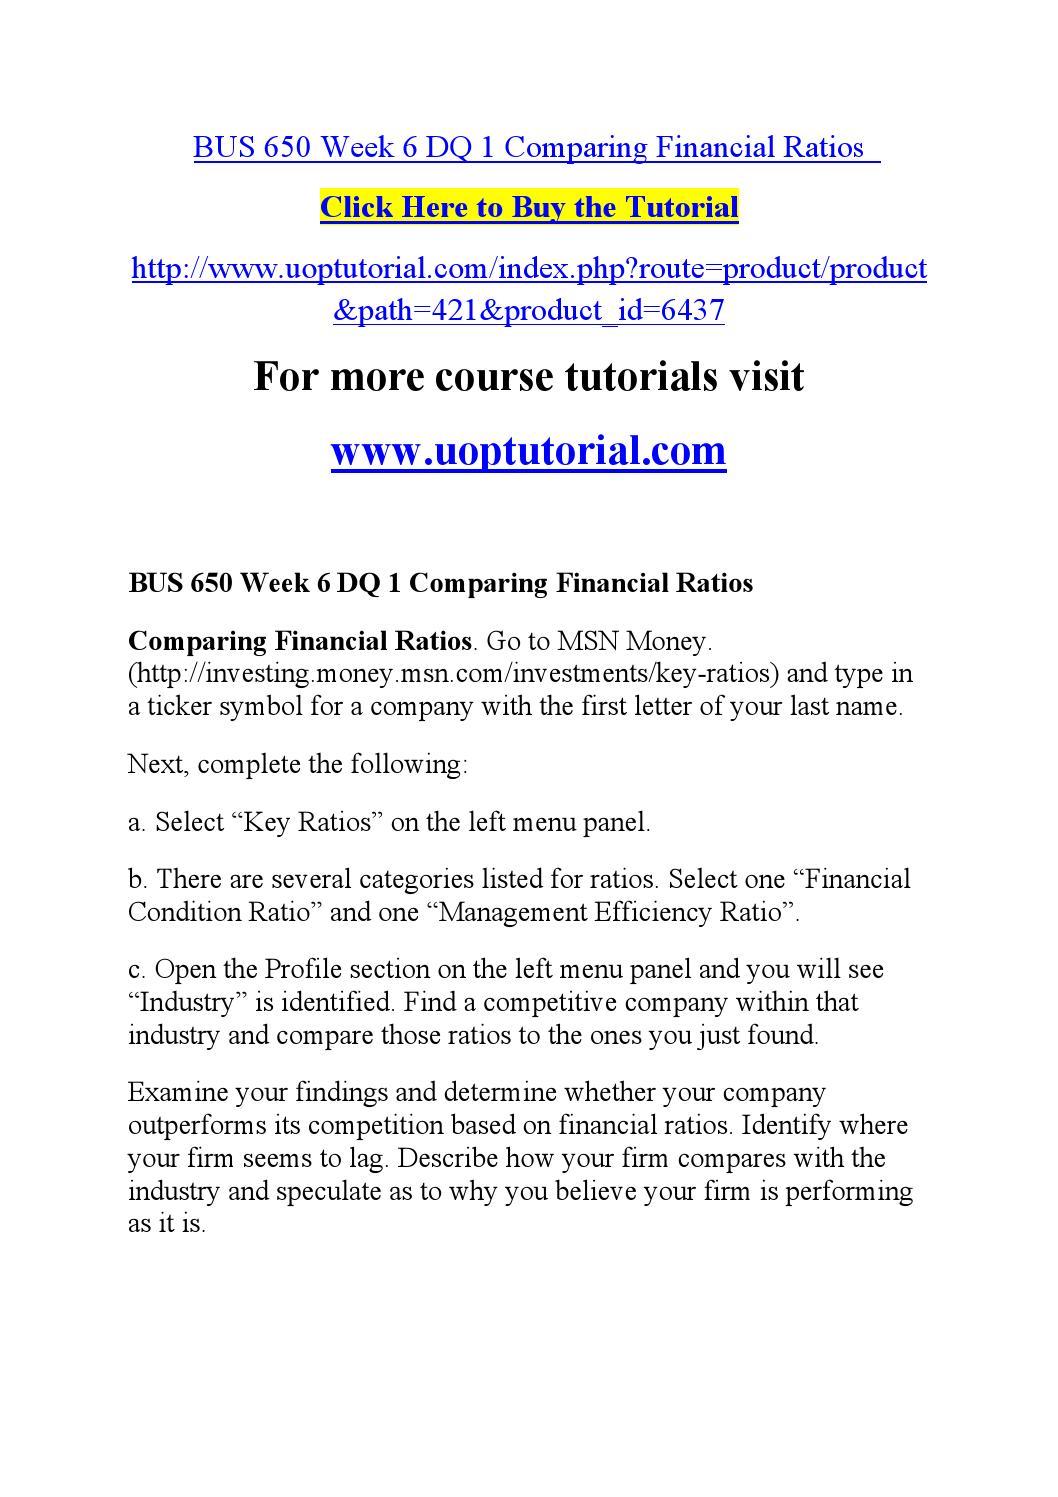 Bus 650 week 6 dq 1 comparing financial ratios by hfyhgsrd